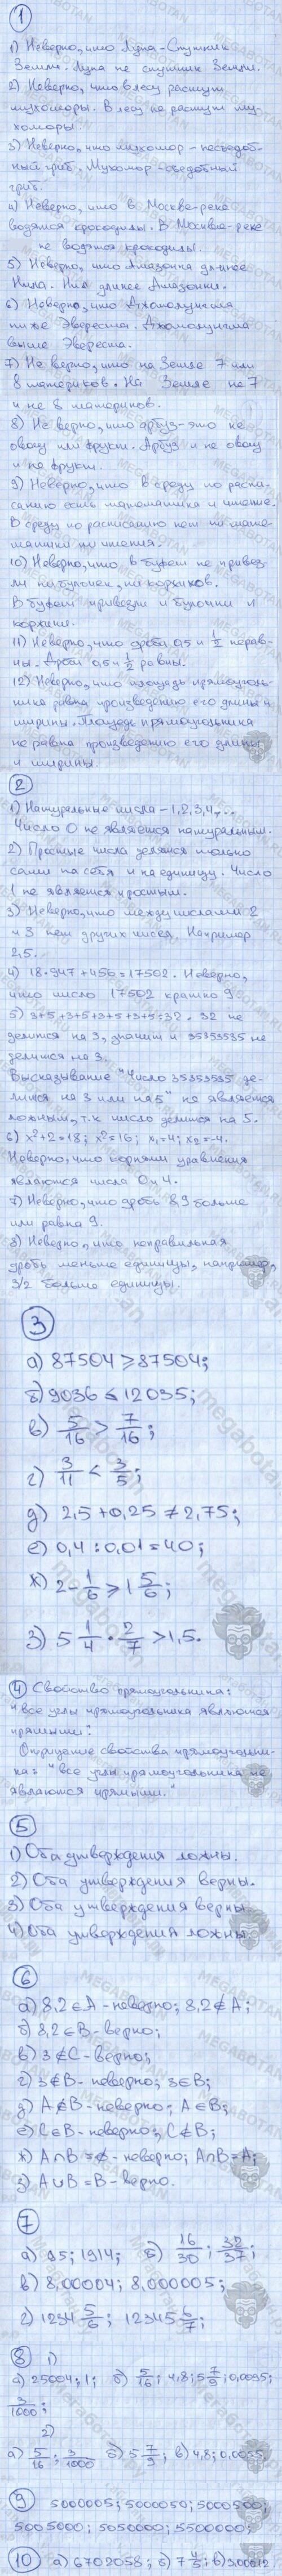 гдз по математике 6 класс Дорофеев